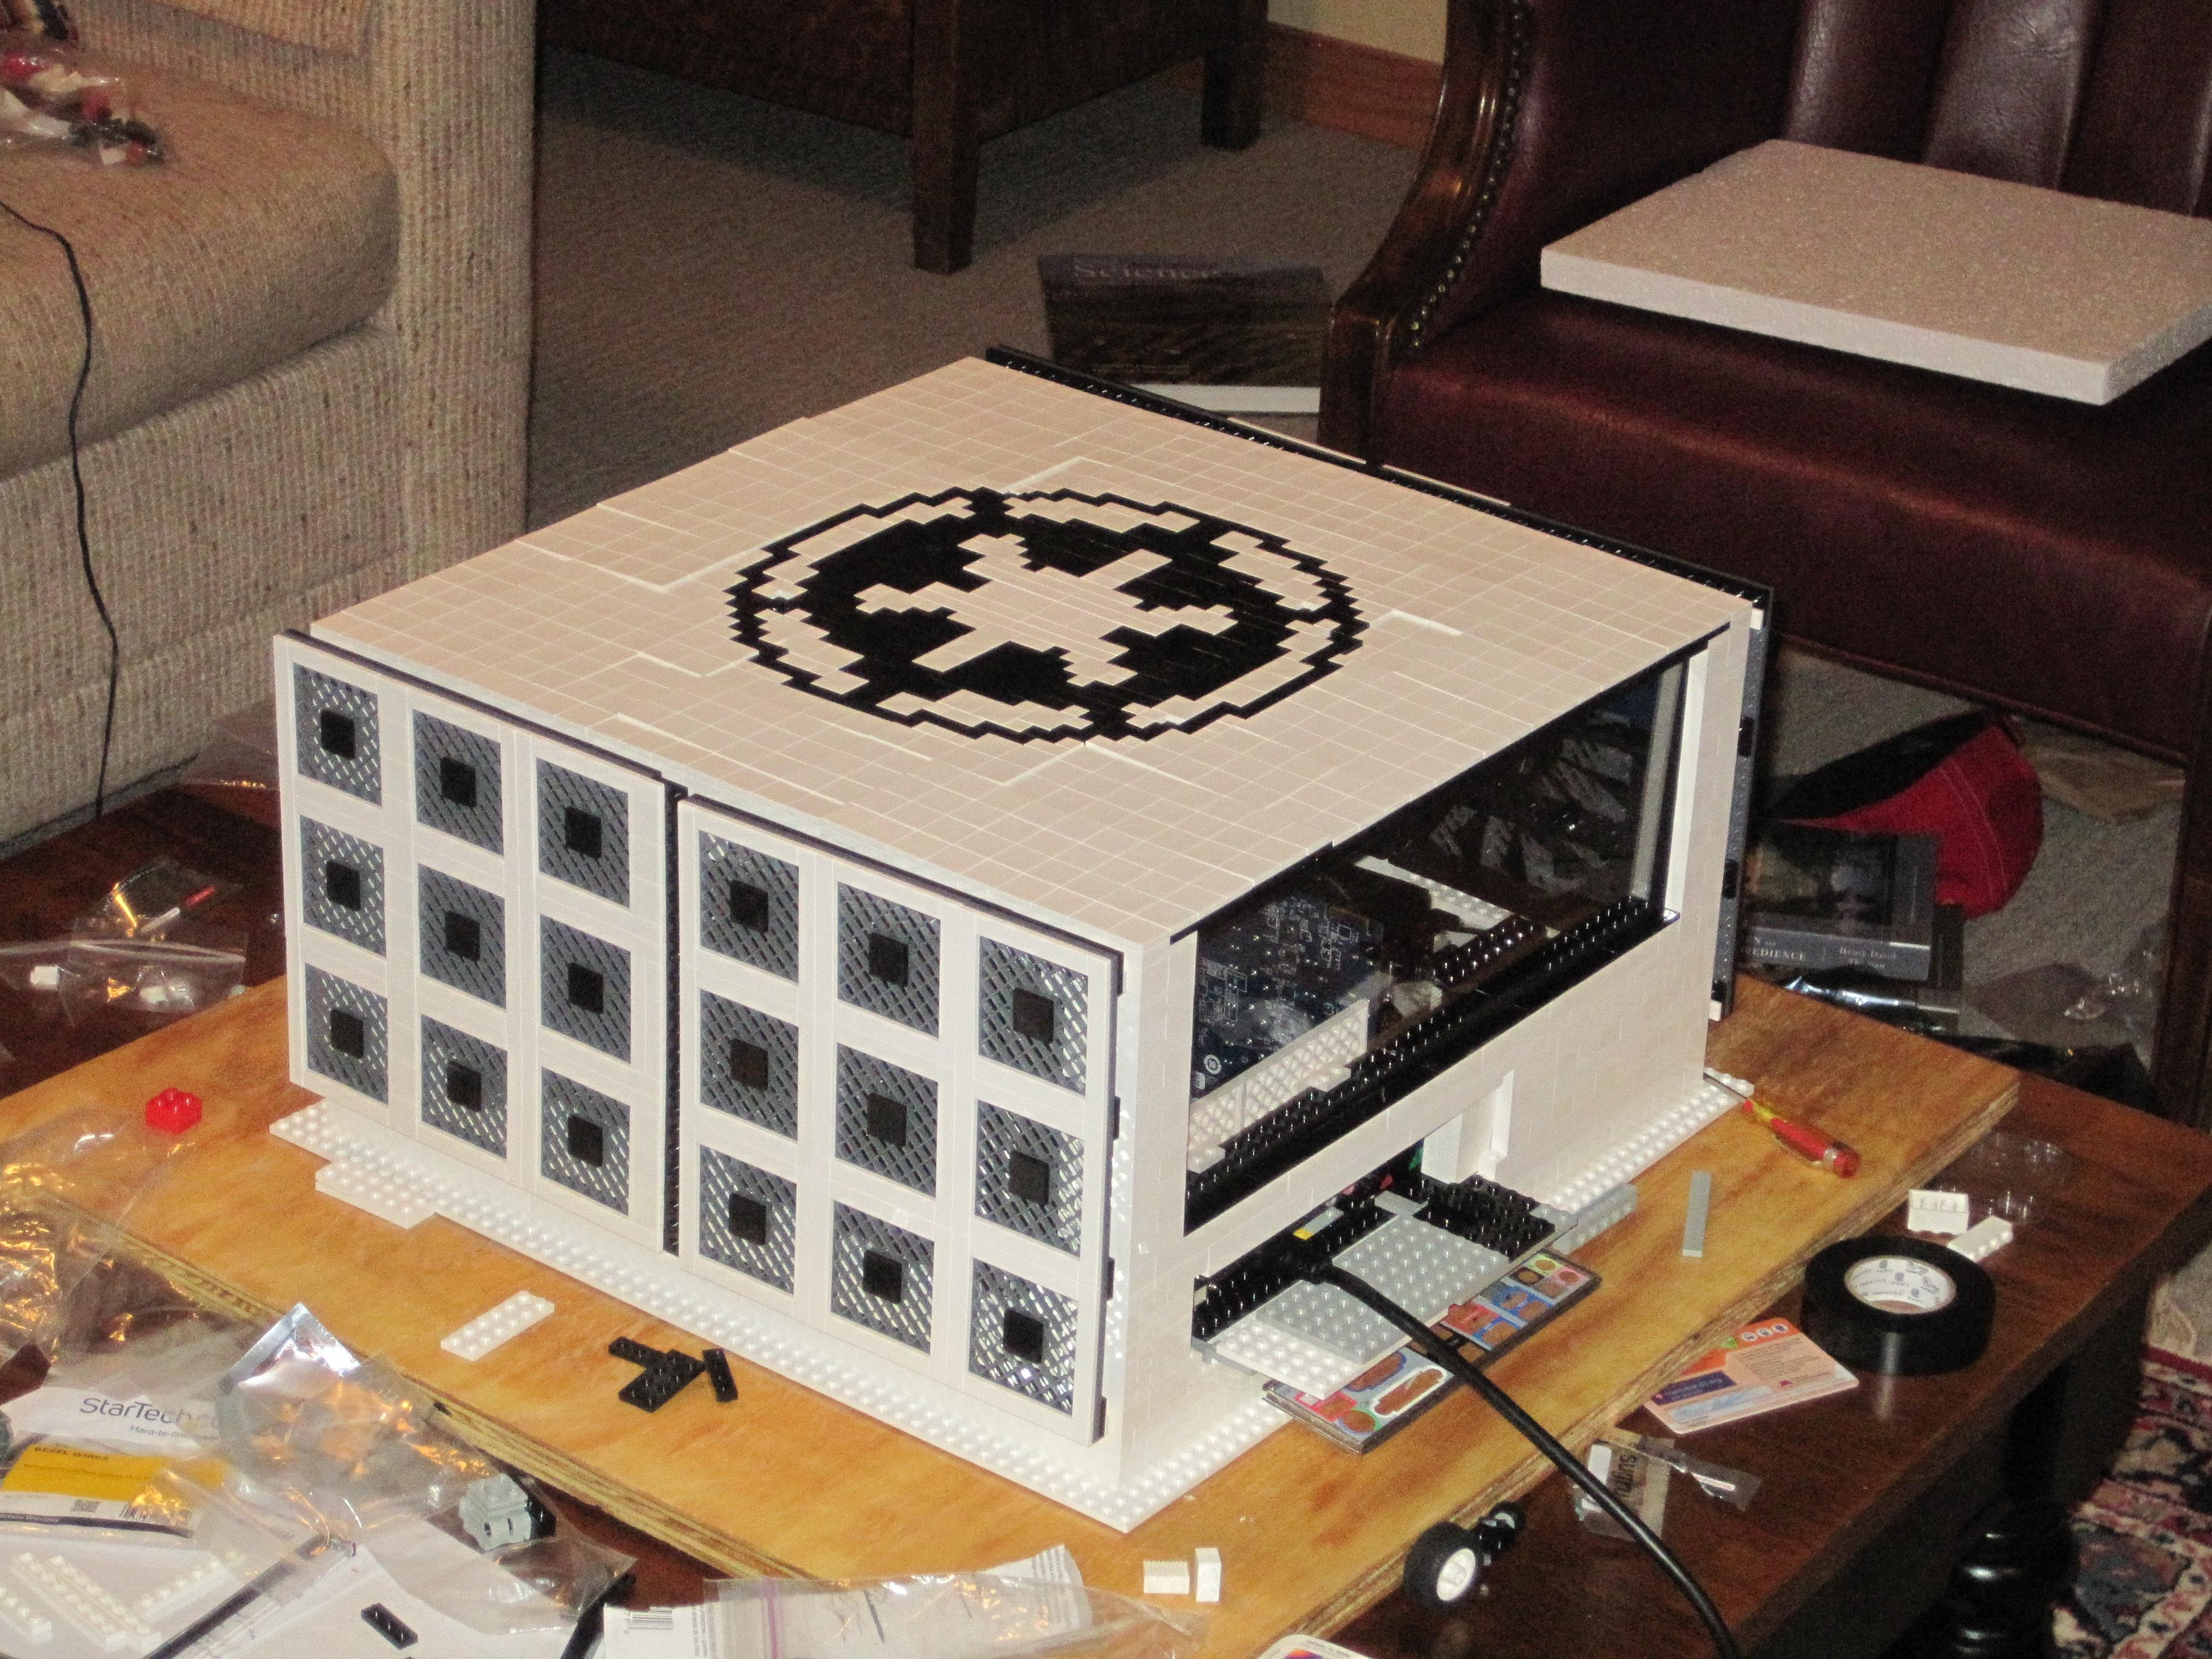 Lego Computer Case